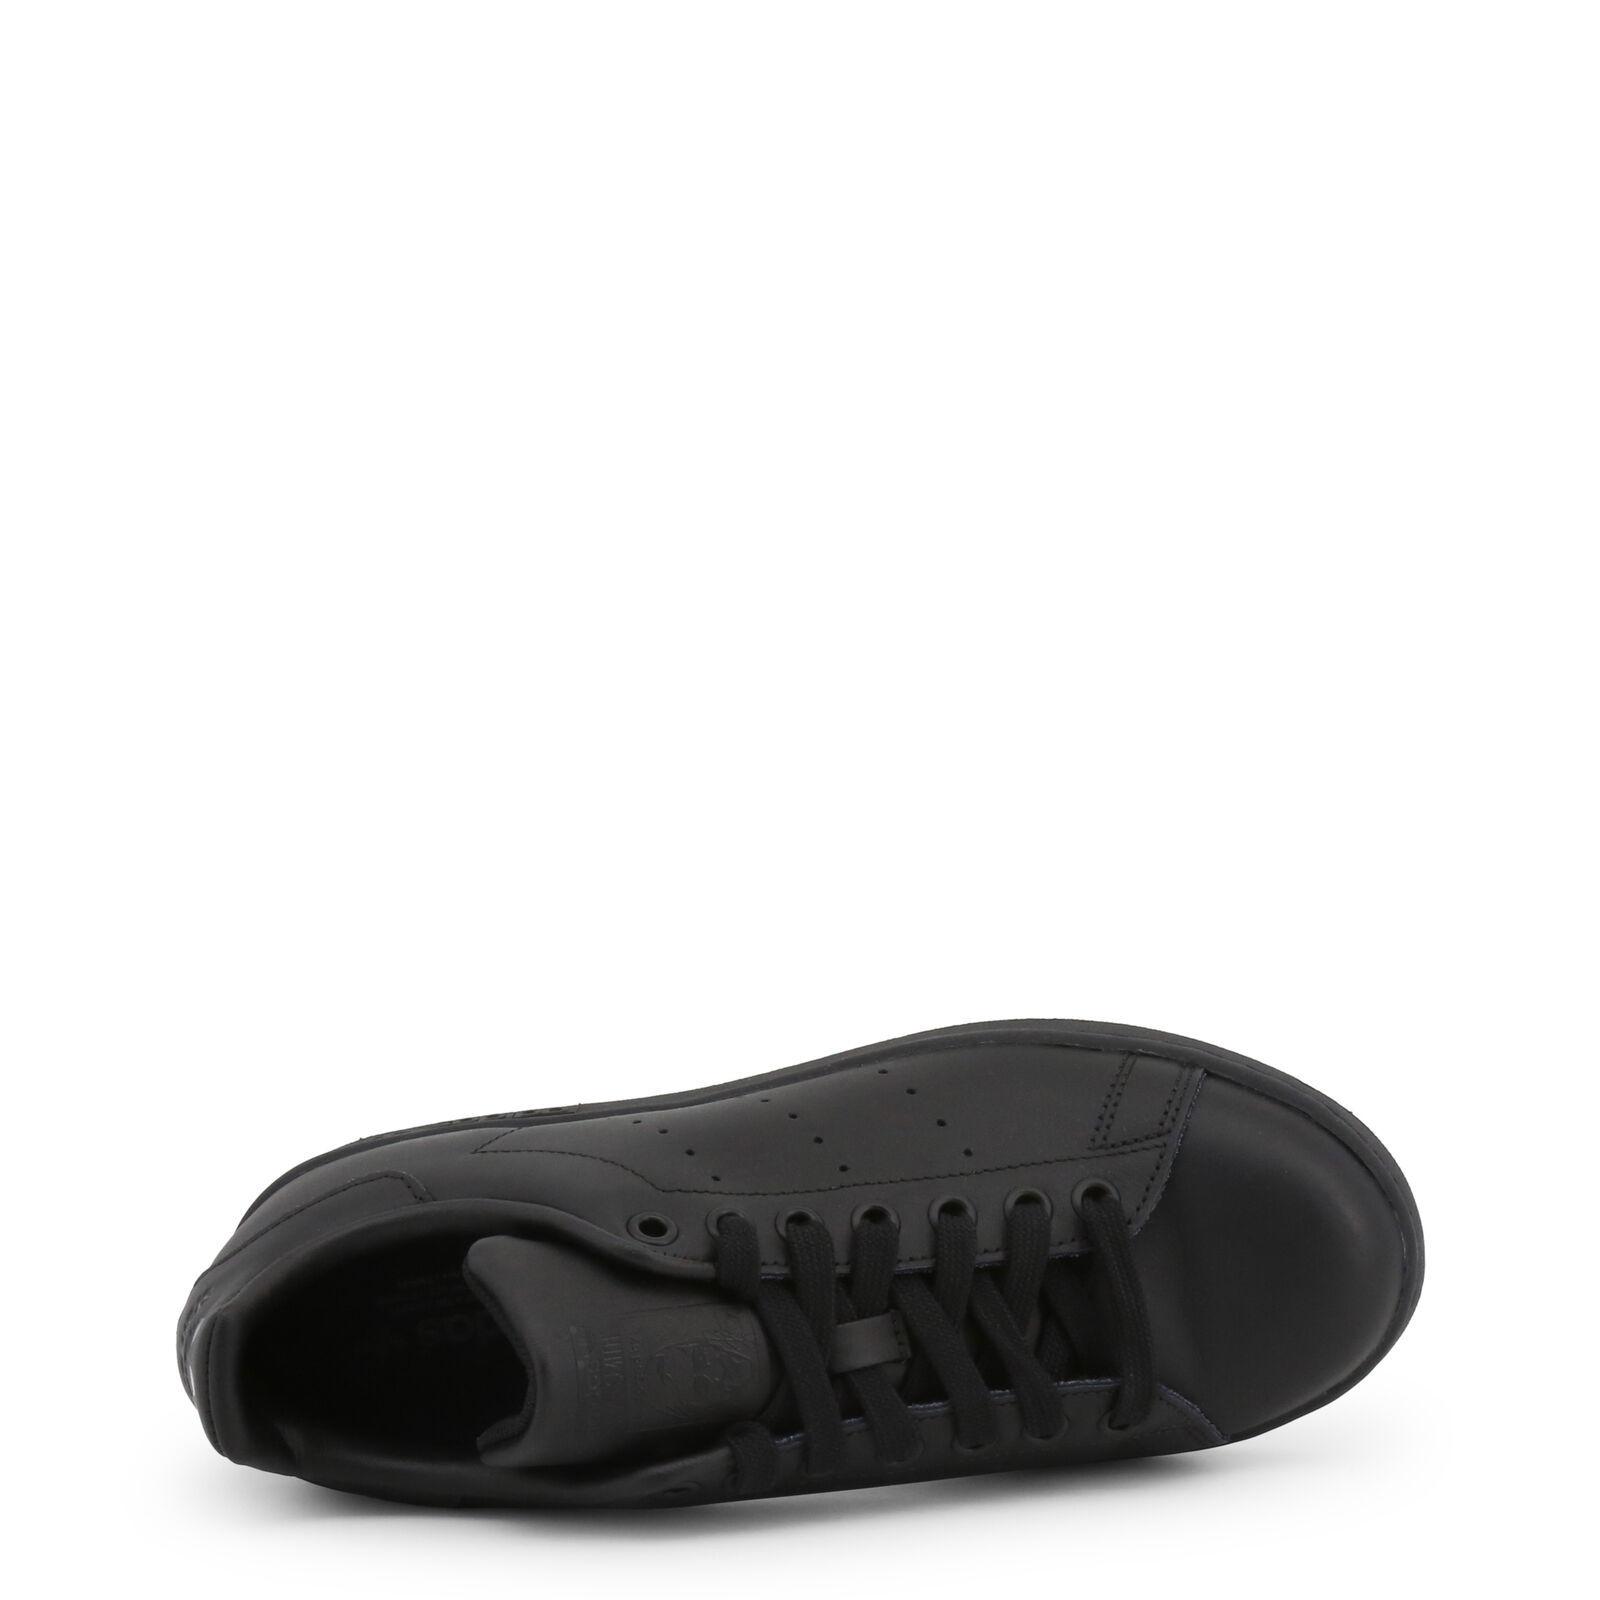 Adidas Stansmith Unisex Negro 102616